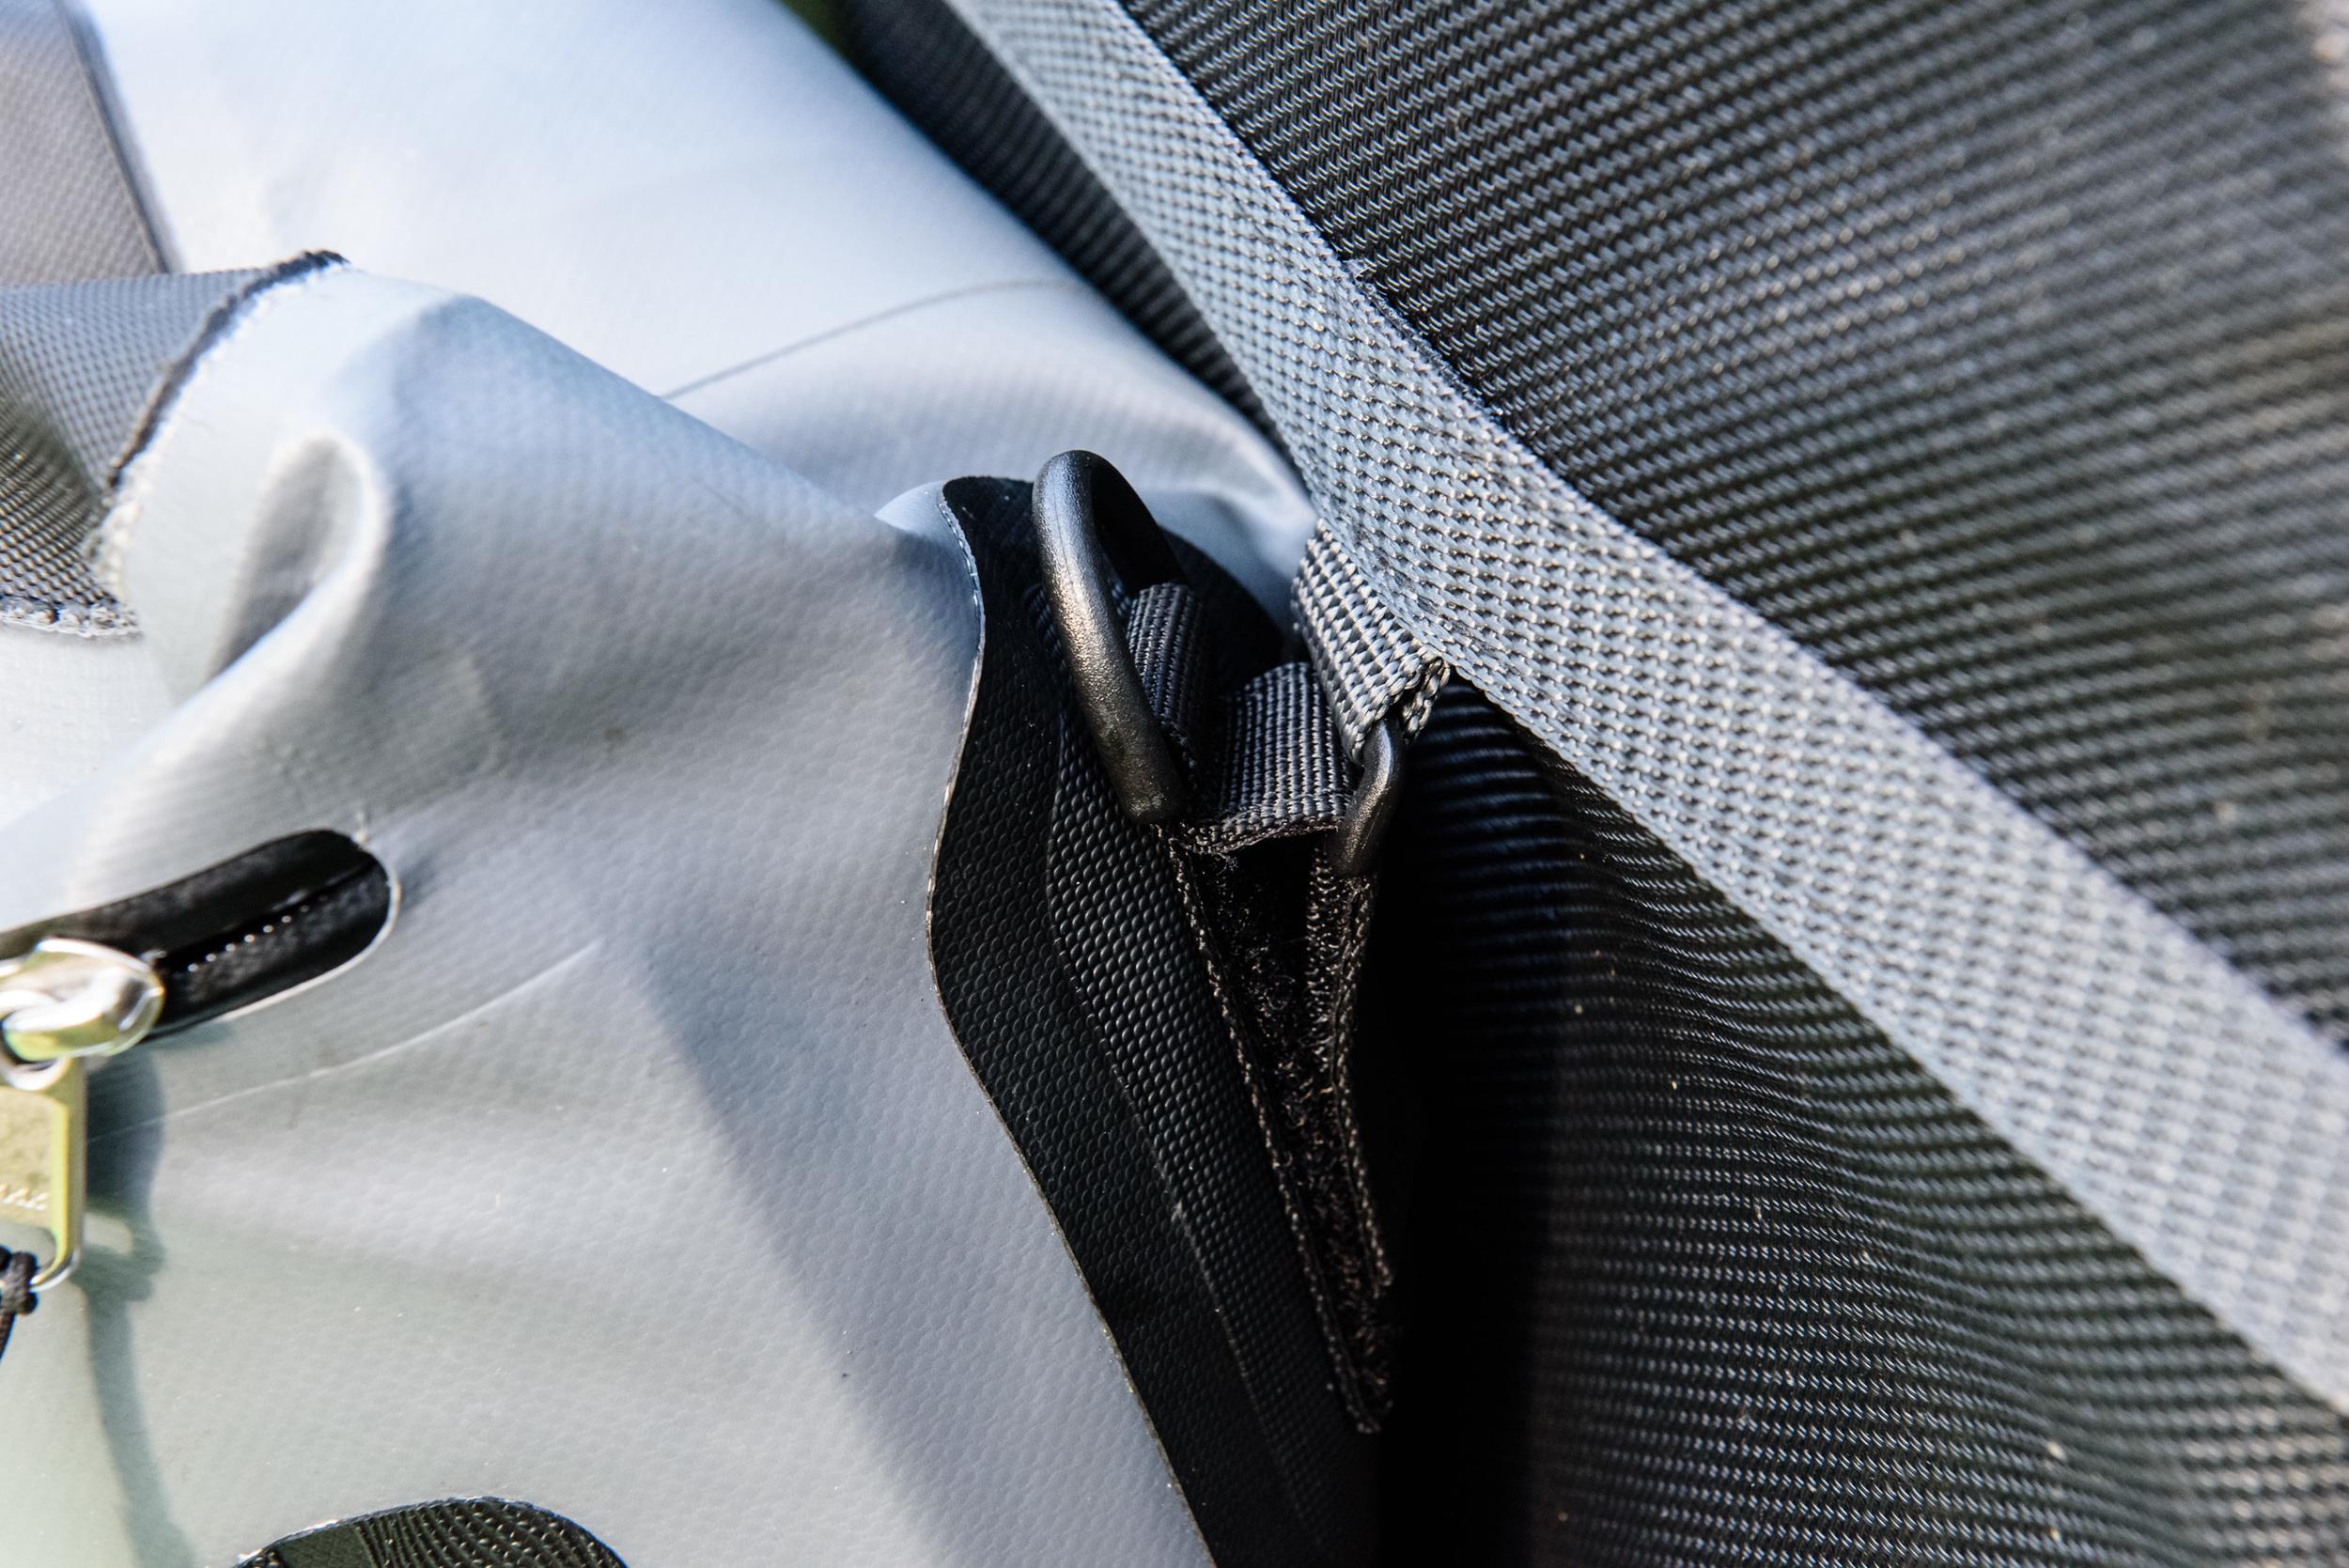 Velcro bag attachment